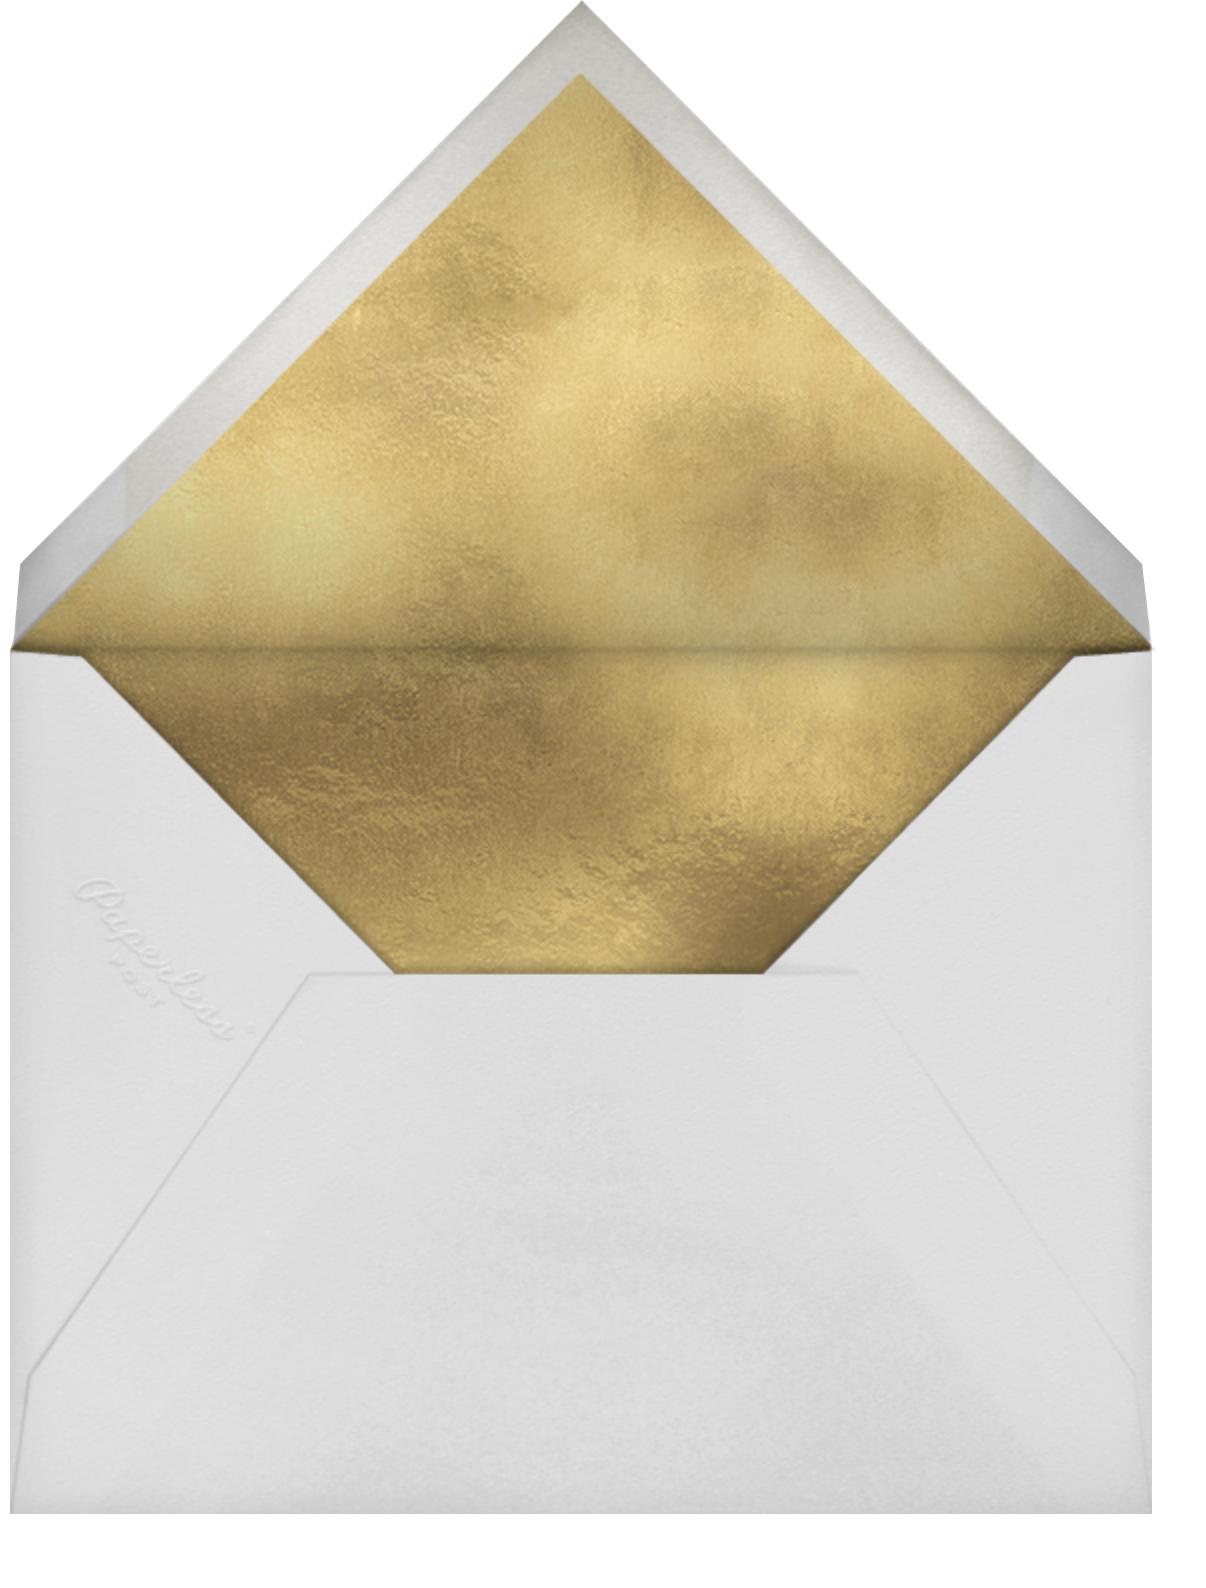 Star of David Border - Metallic - Paperless Post - Envelope